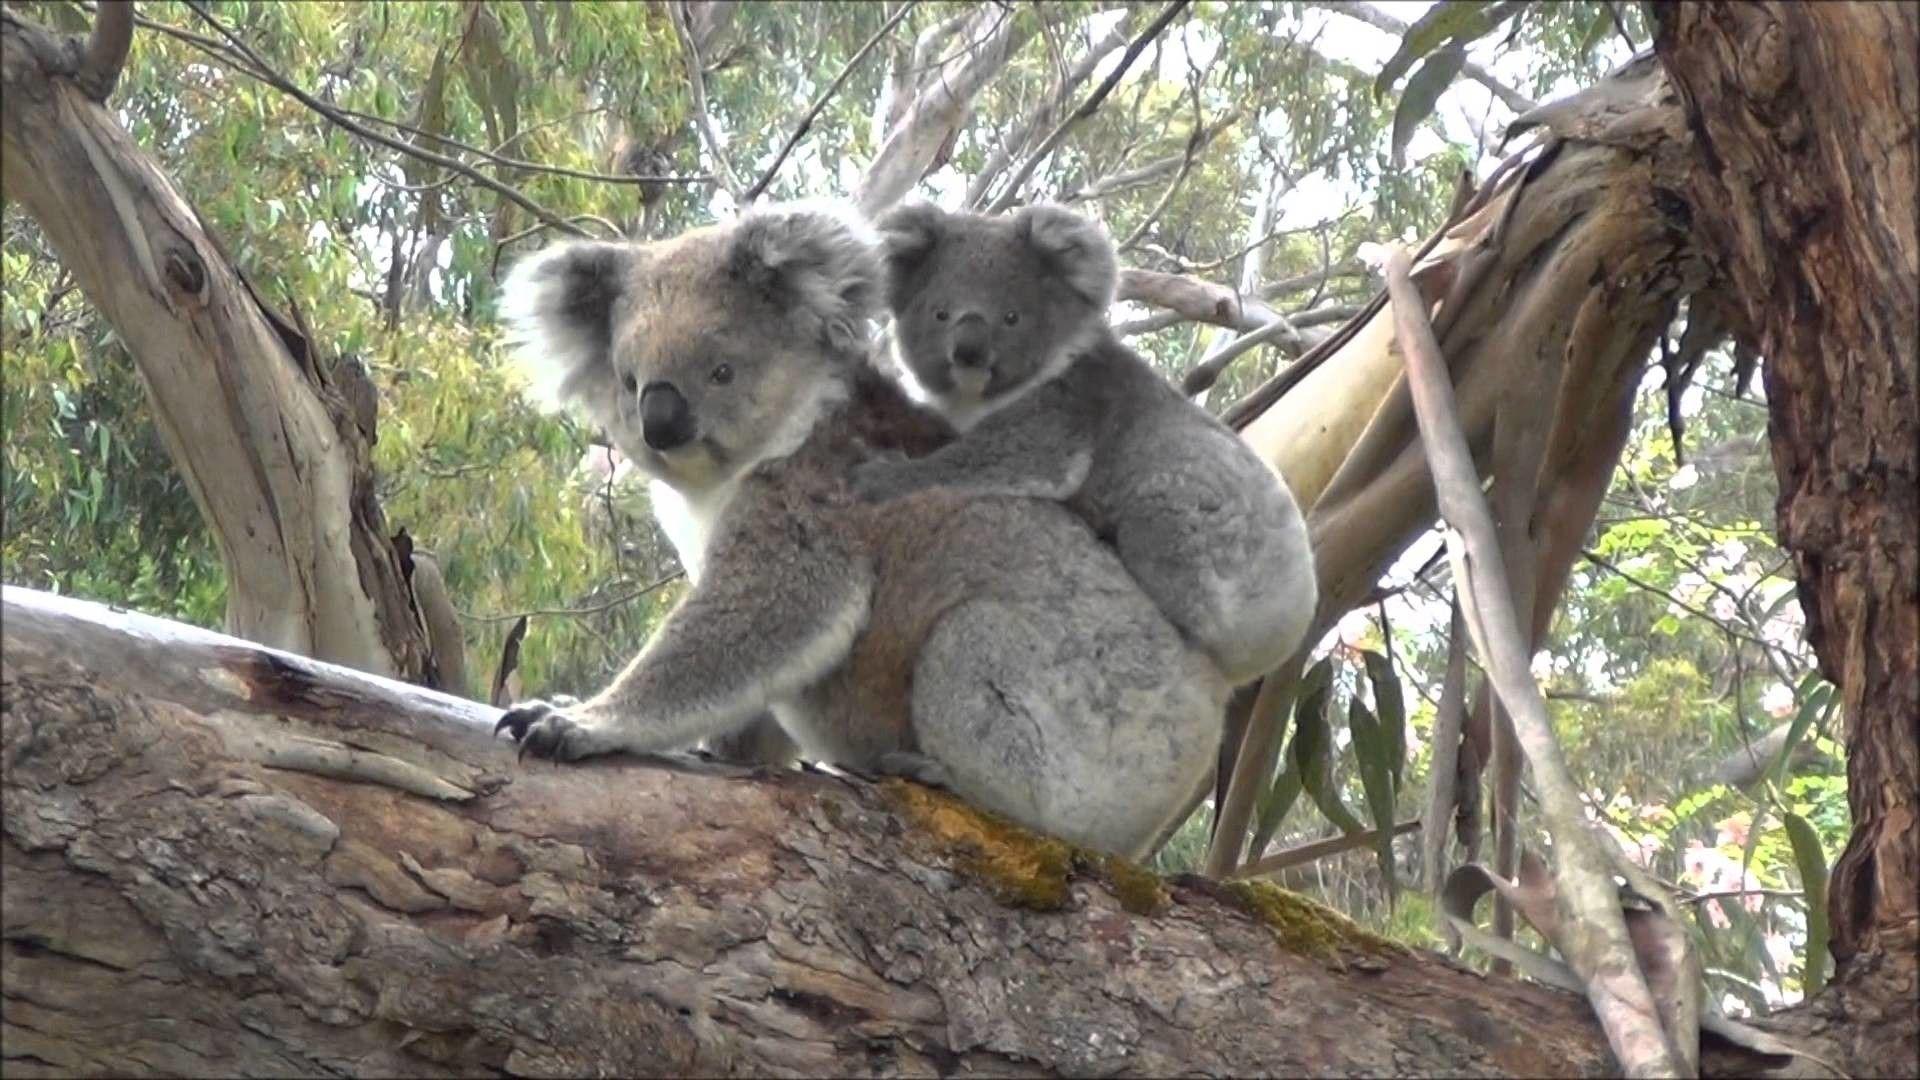 Baby Koala Wallpapers